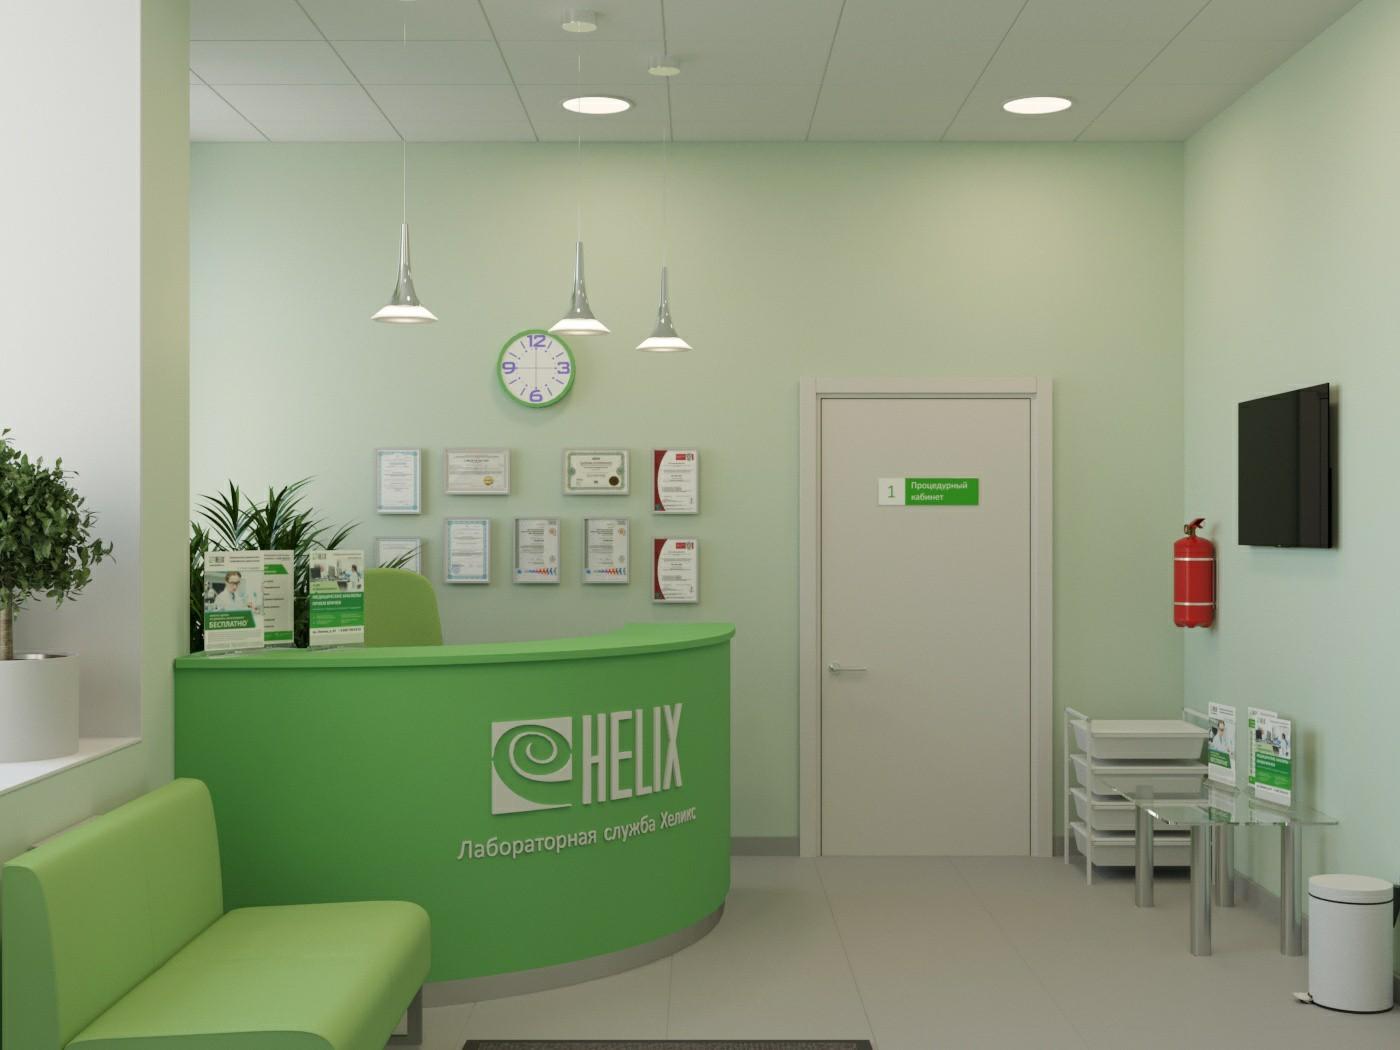 Медицинский центр Helix